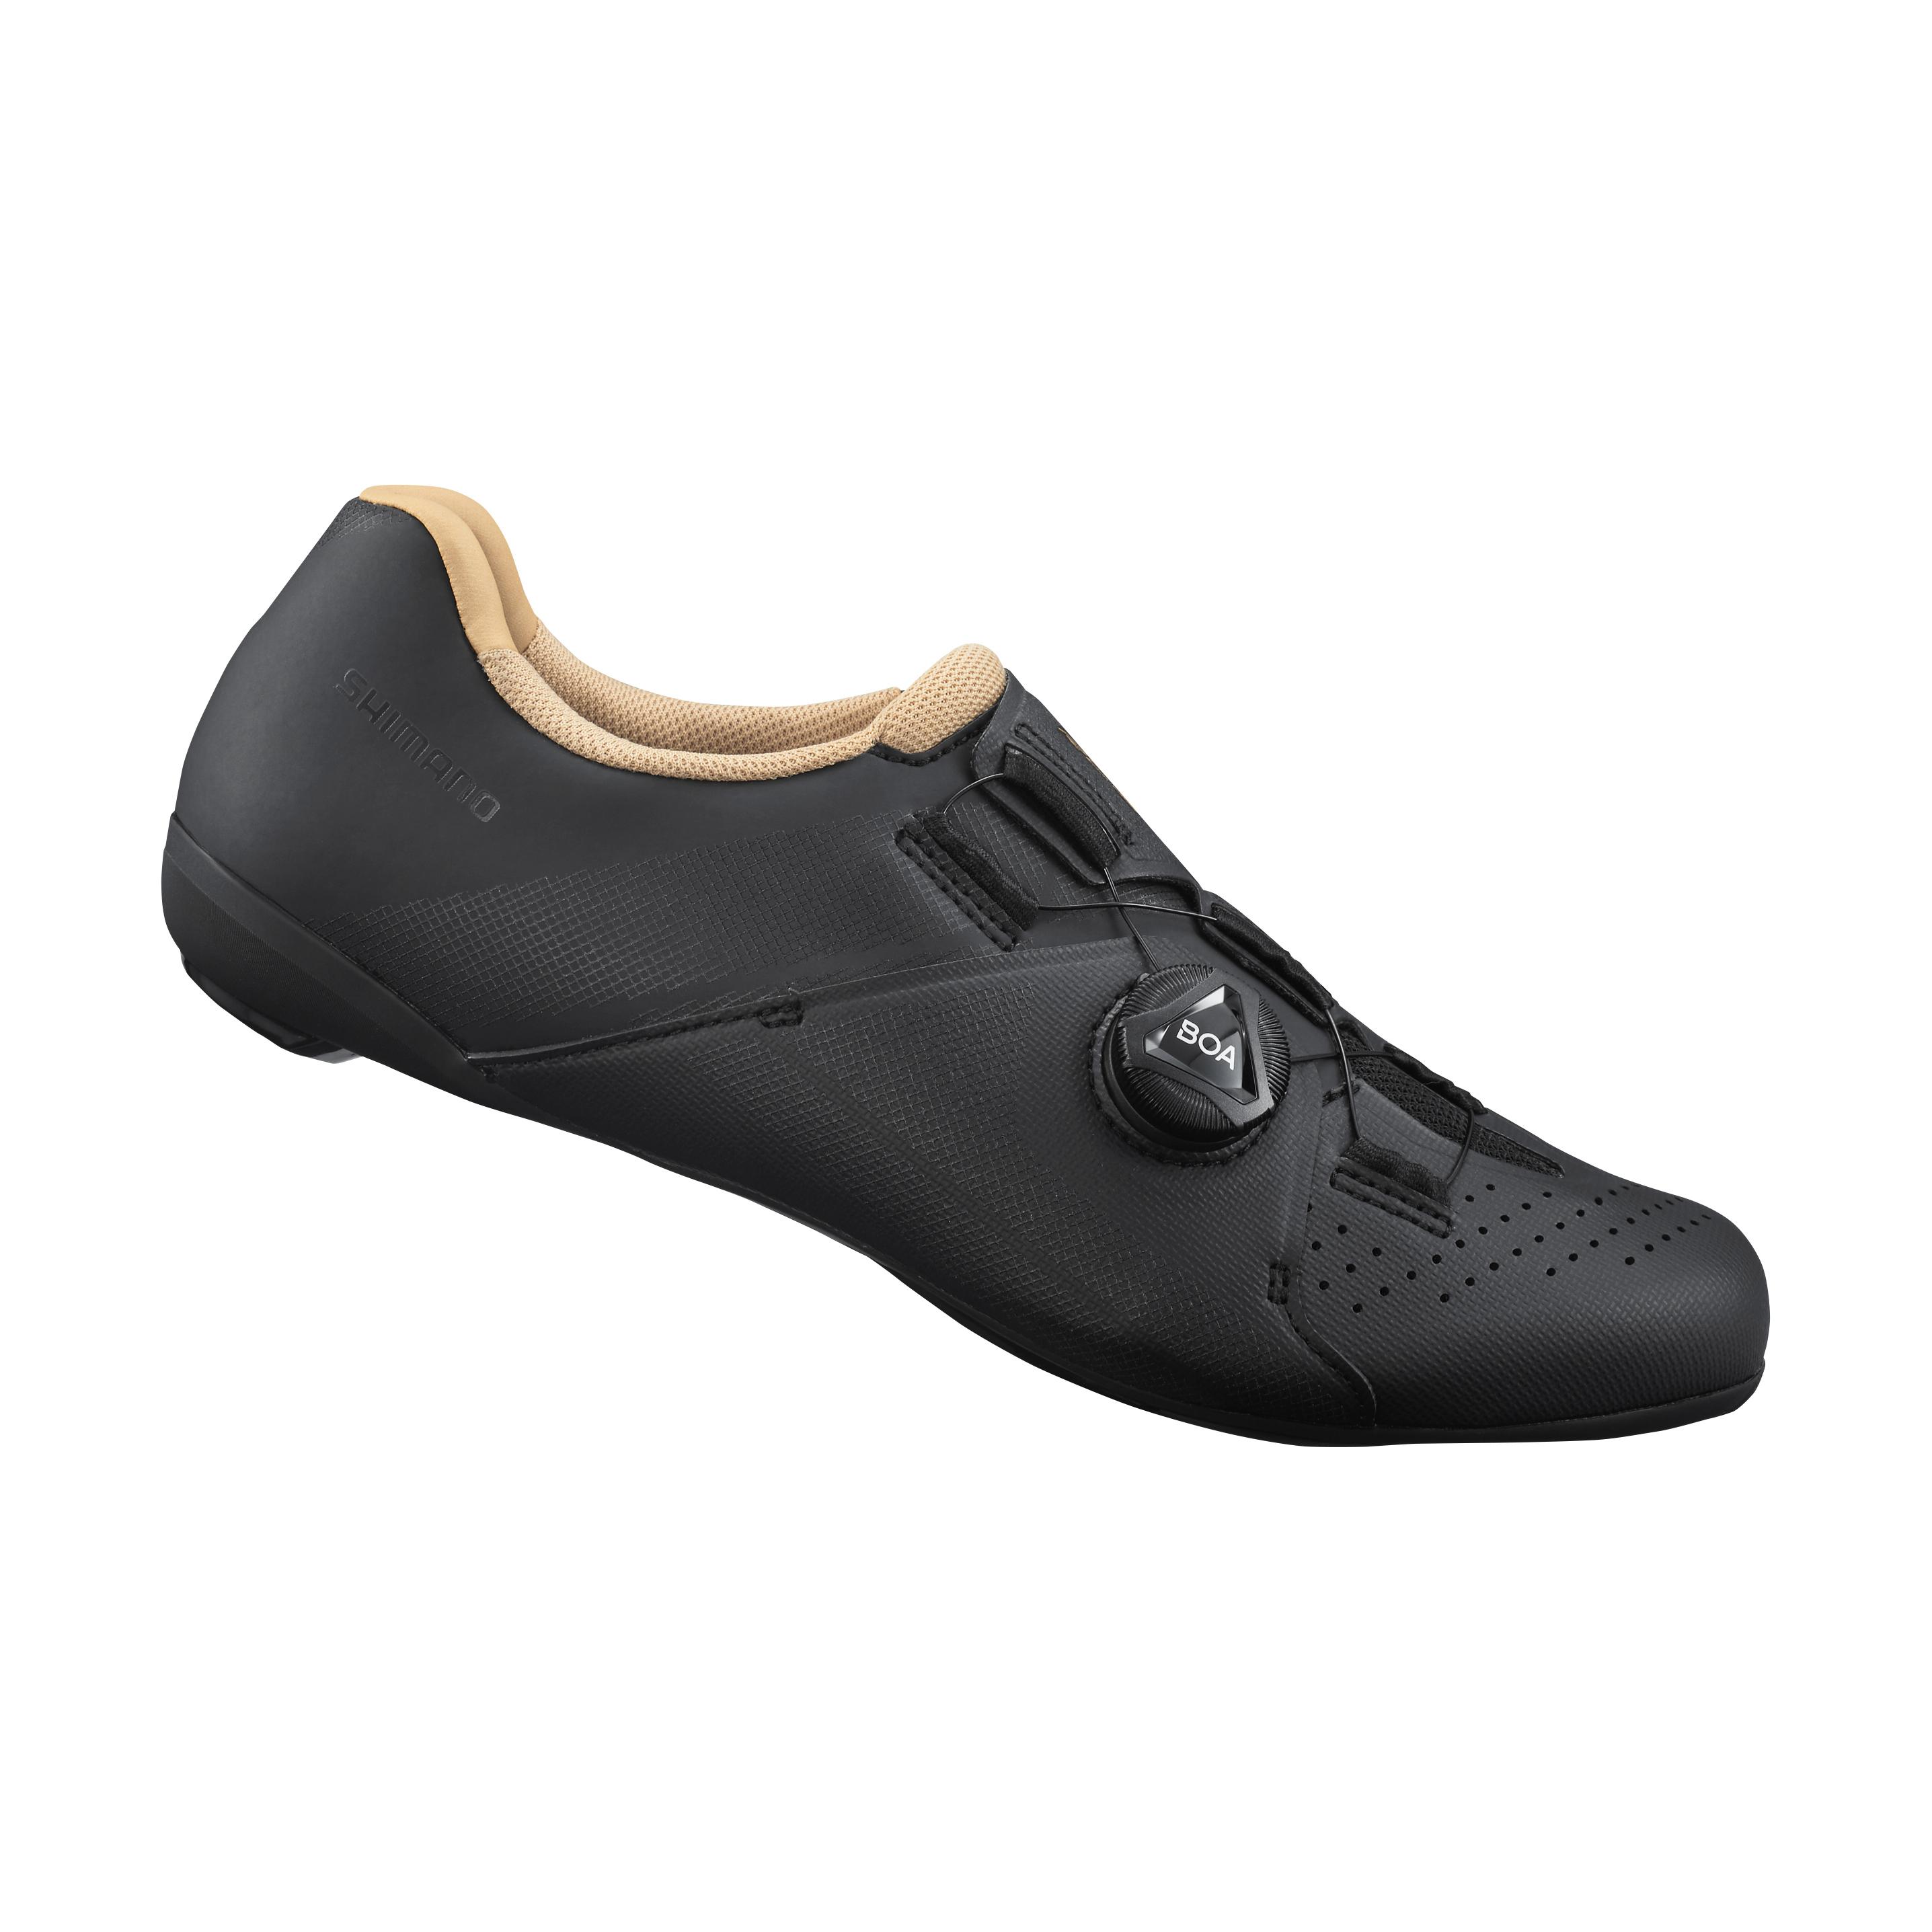 SHIMANO silniční obuv SH-RC300W, dámská, černá, 40